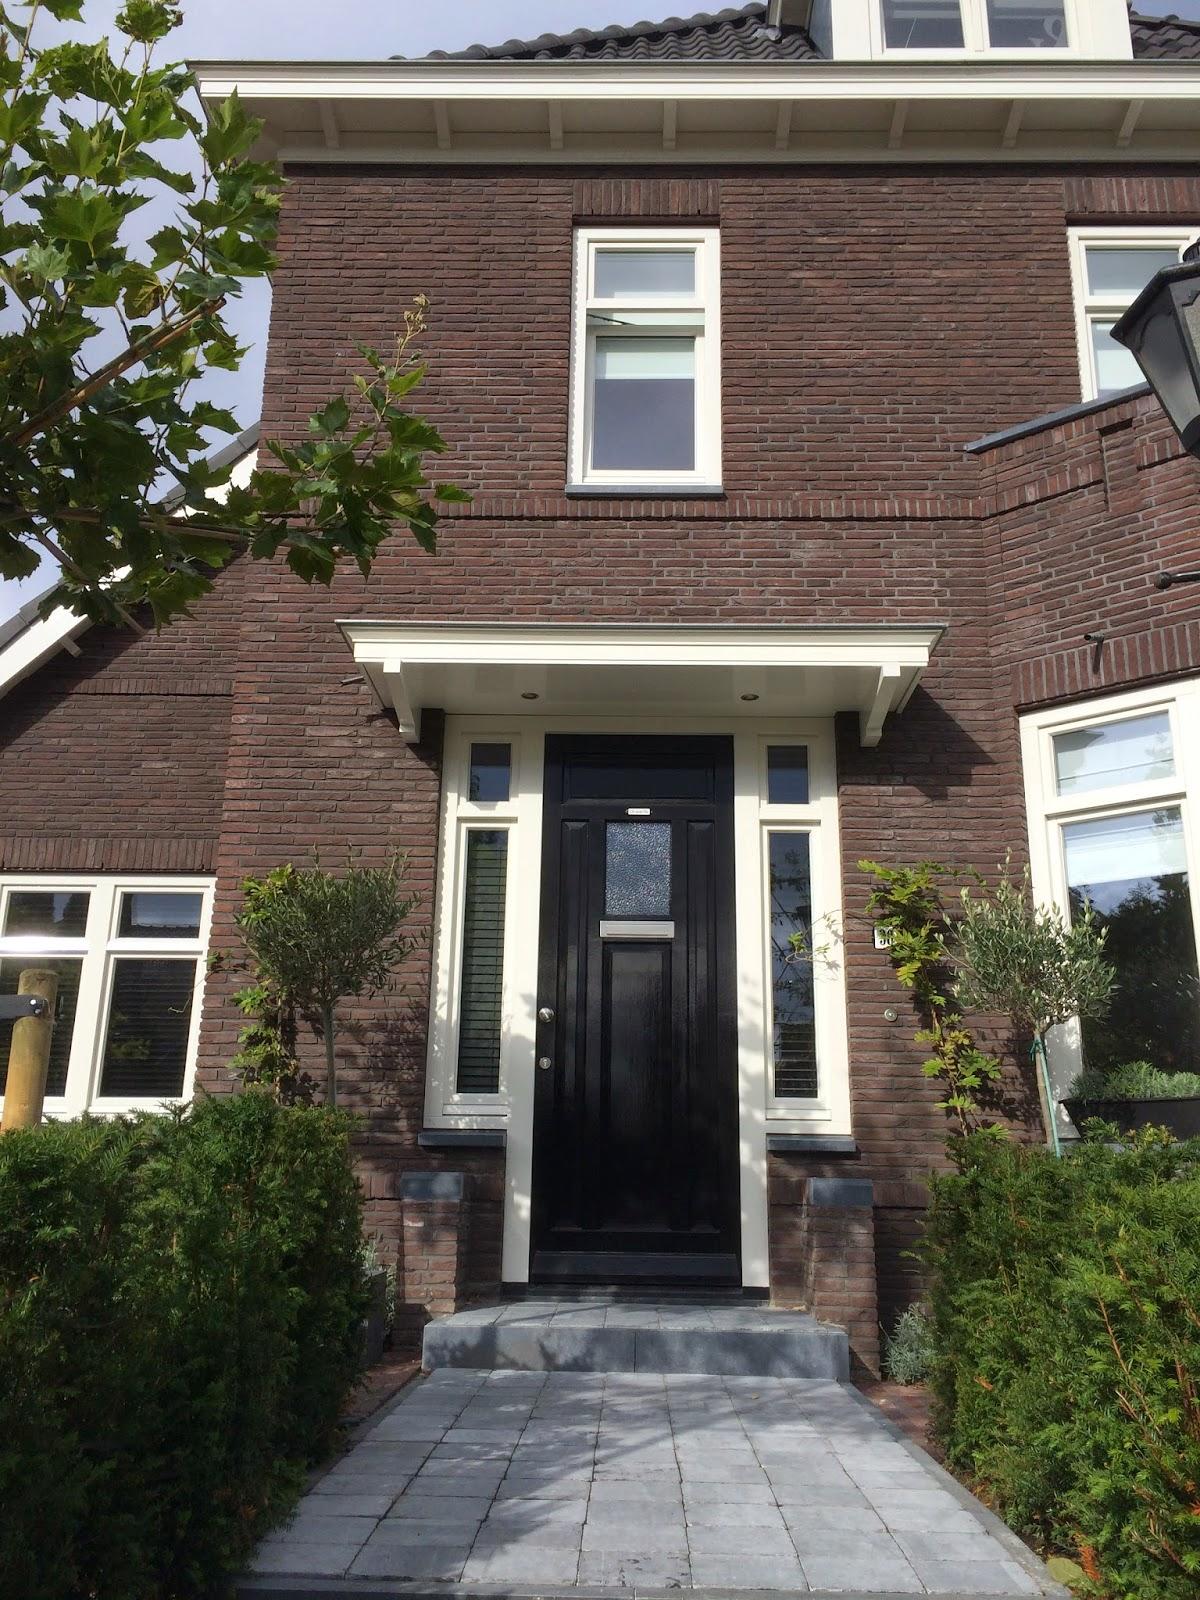 Een prachtige jaren 30 woning opgeleverd van der padt partners architecten - Renovateer een huis van de jaren ...